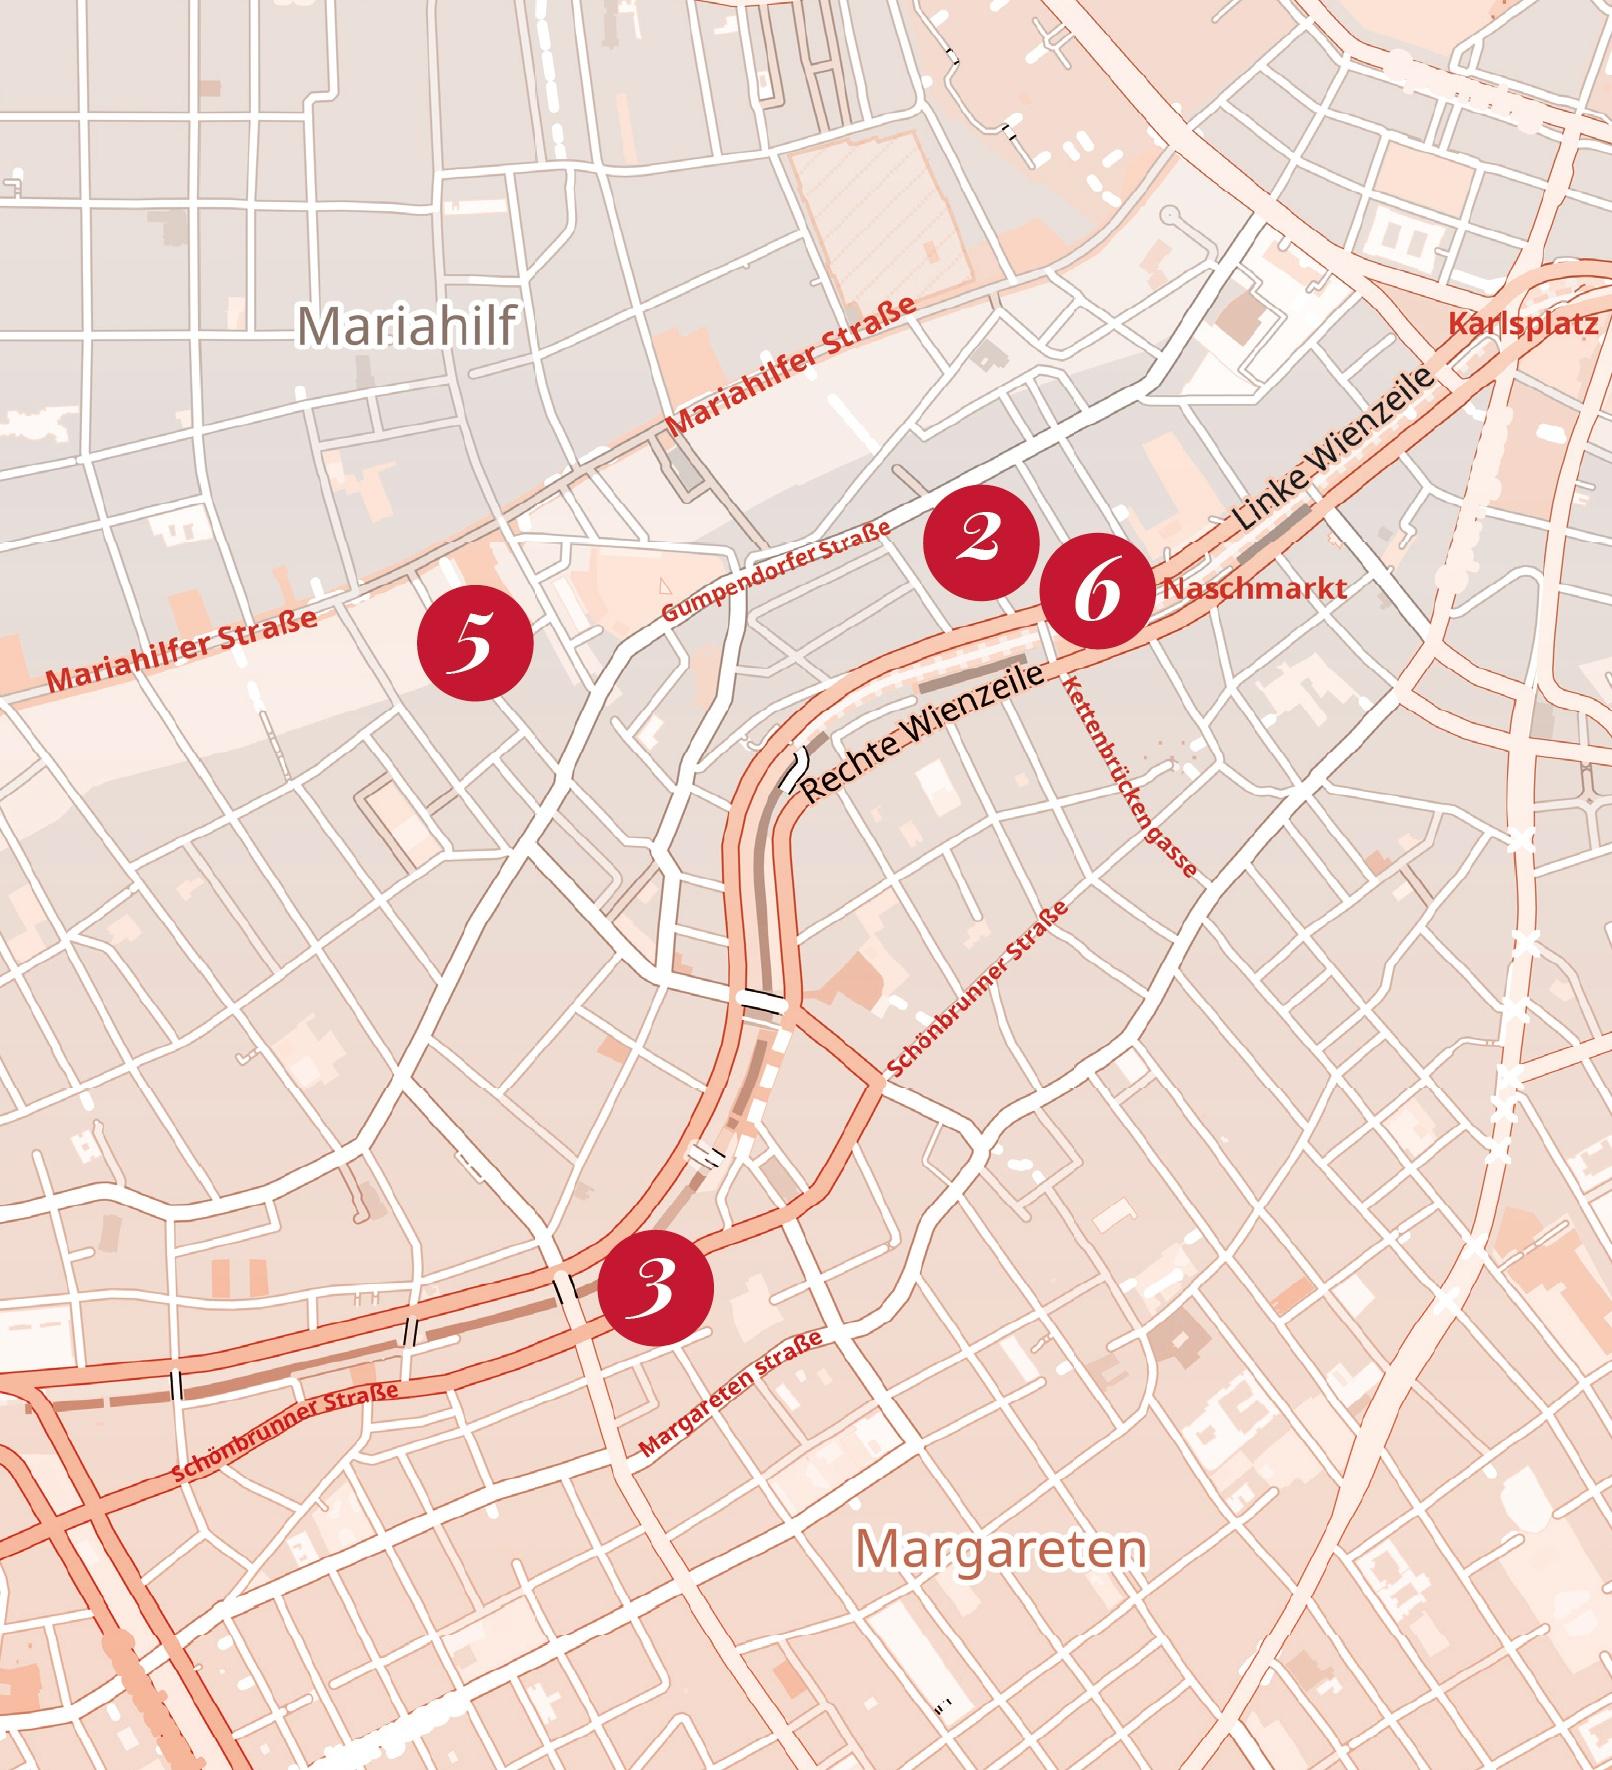 Karte von Wien